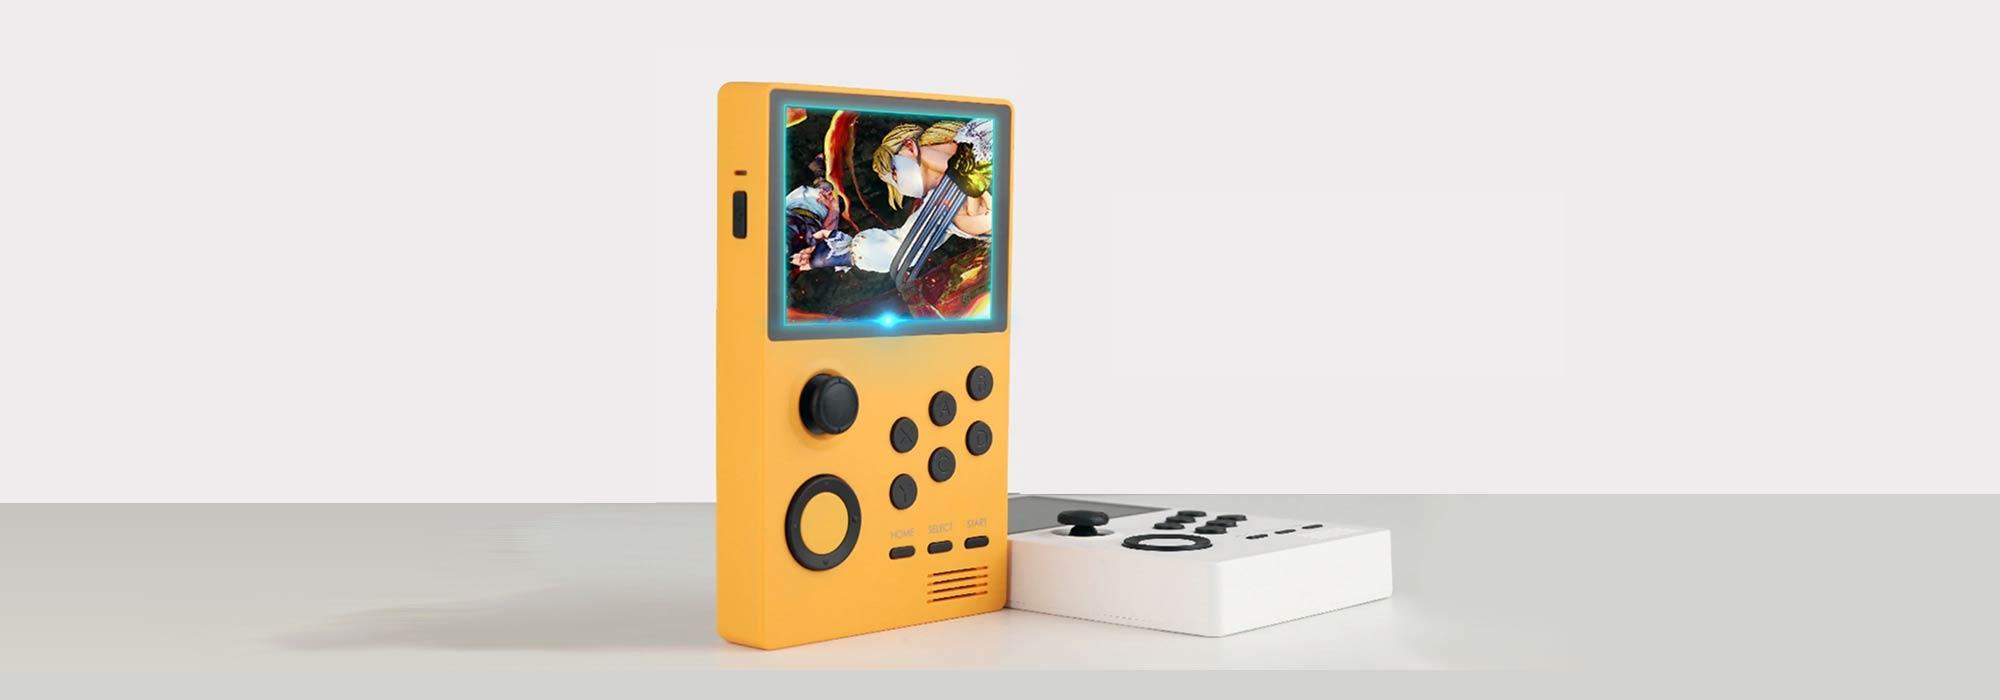 SupRetro Handheld: Review der mobilen Spielekonsole